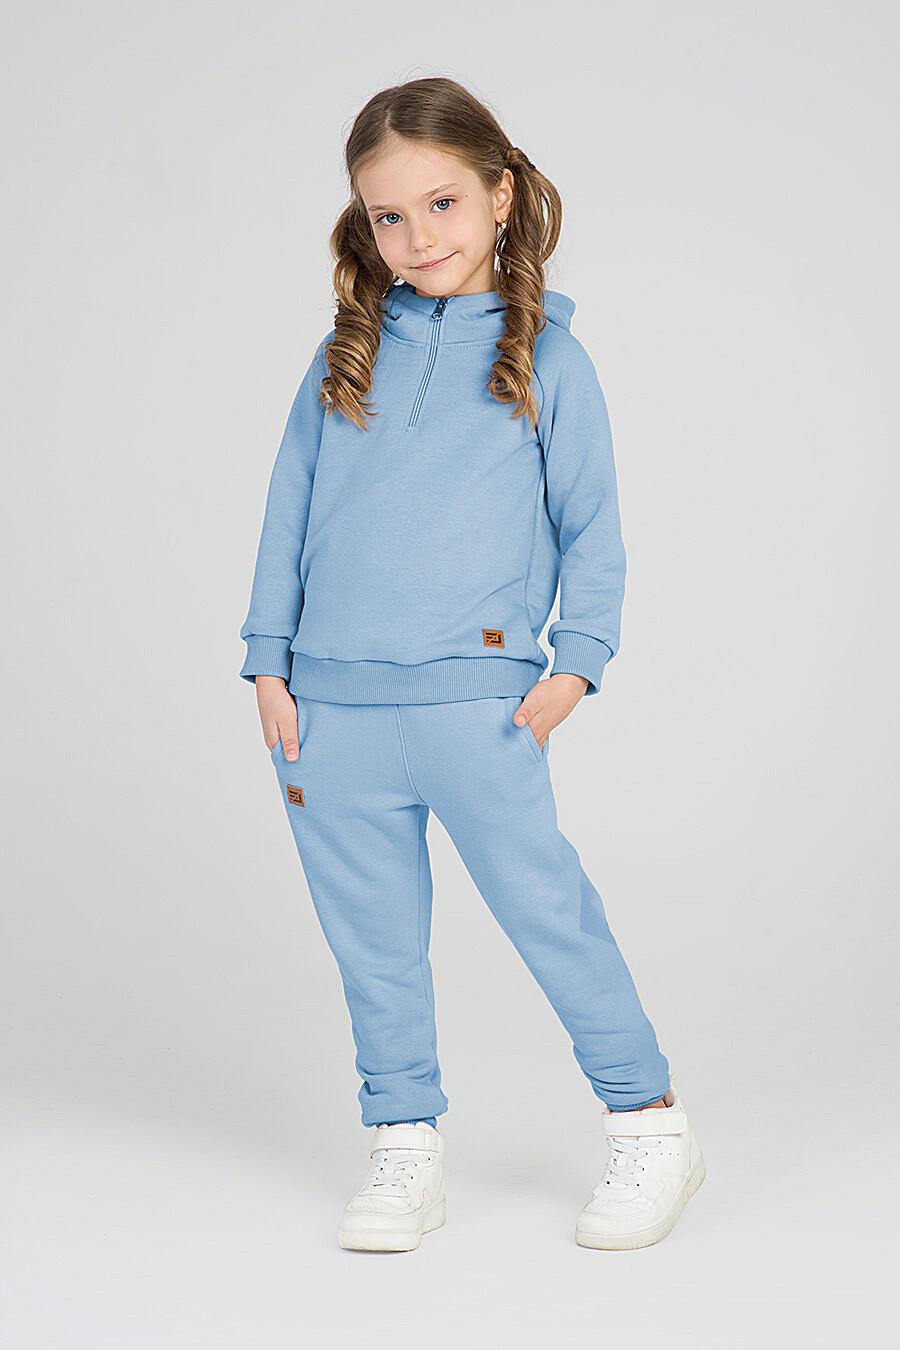 Худи для девочек EZANNA 668041 купить оптом от производителя. Совместная покупка детской одежды в OptMoyo